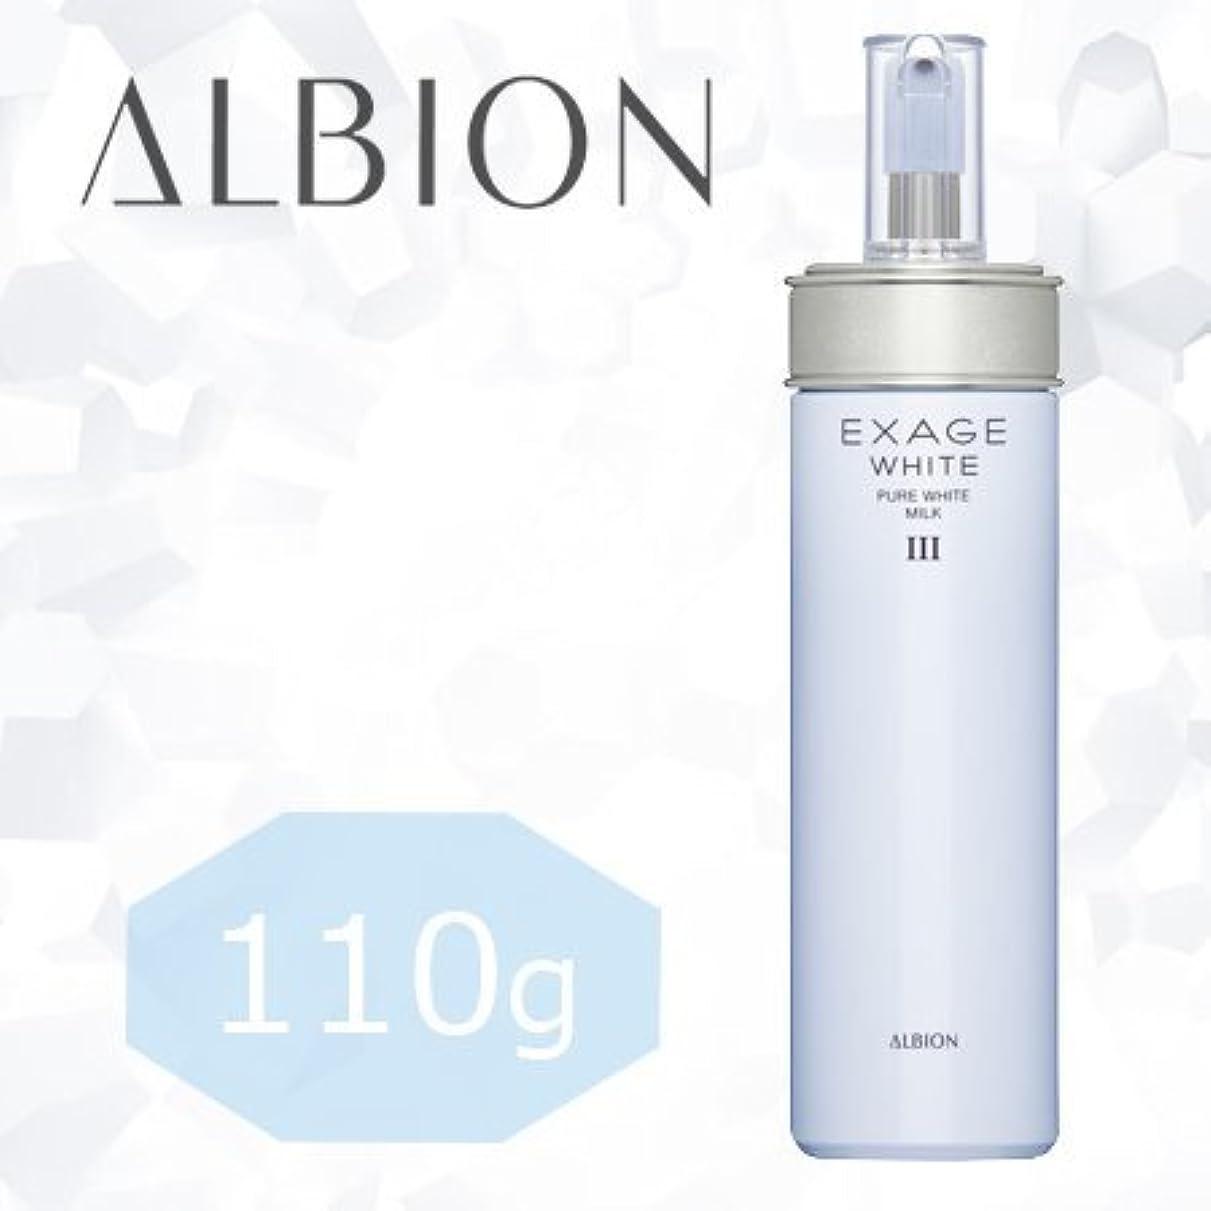 レギュラー多様性夫アルビオン エクサージュホワイト ピュアホワイト ミルク 3 110g